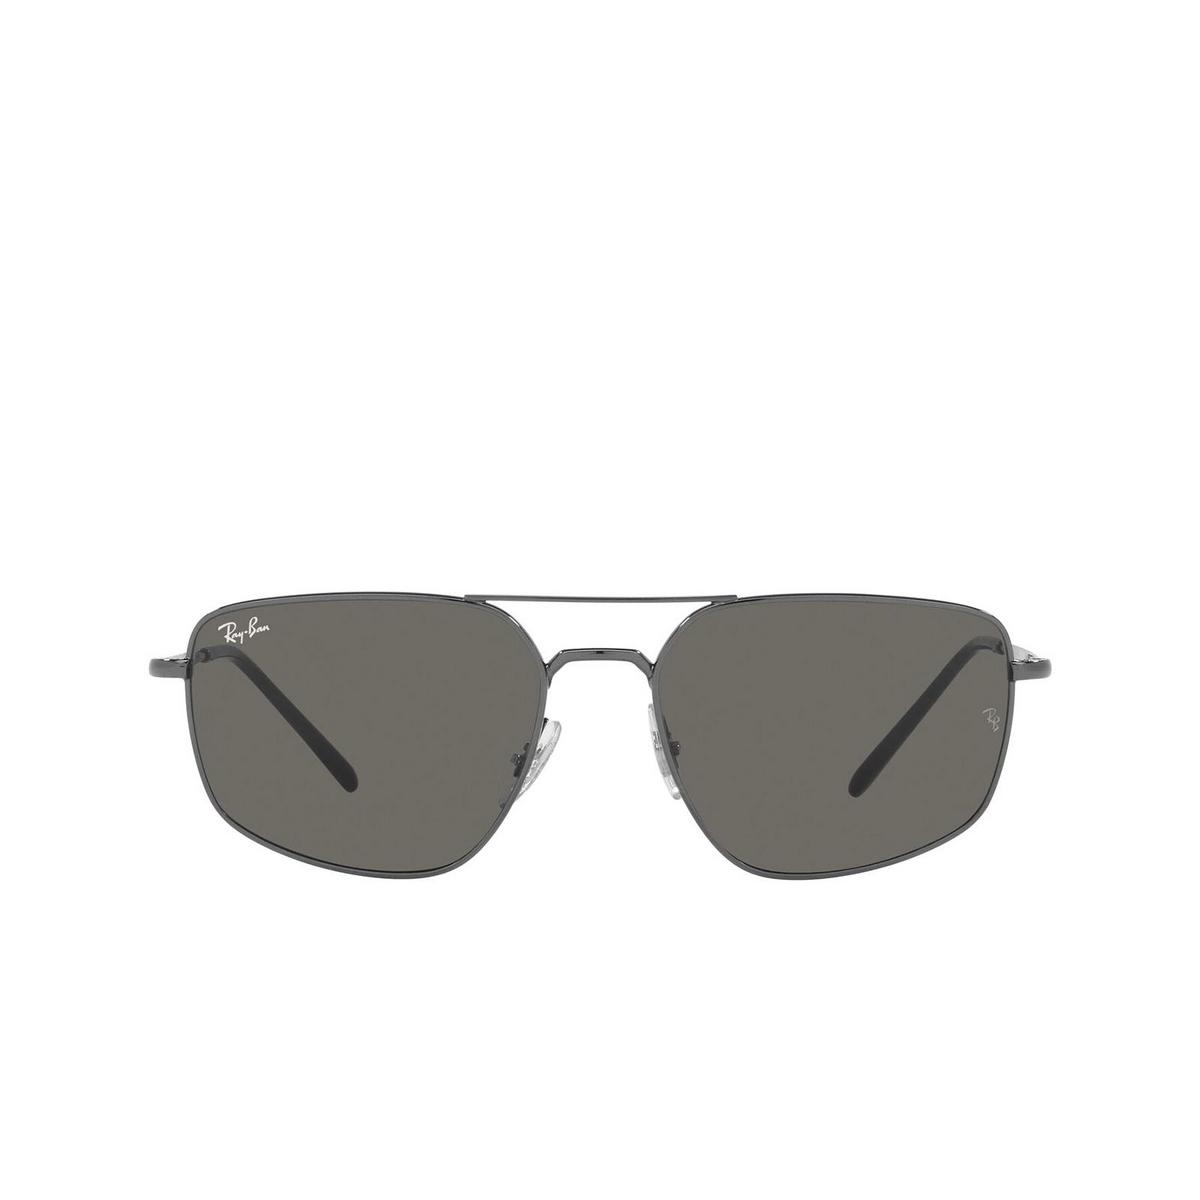 Ray-Ban® Irregular Sunglasses: RB3666 color Gunmetal 004/B1.